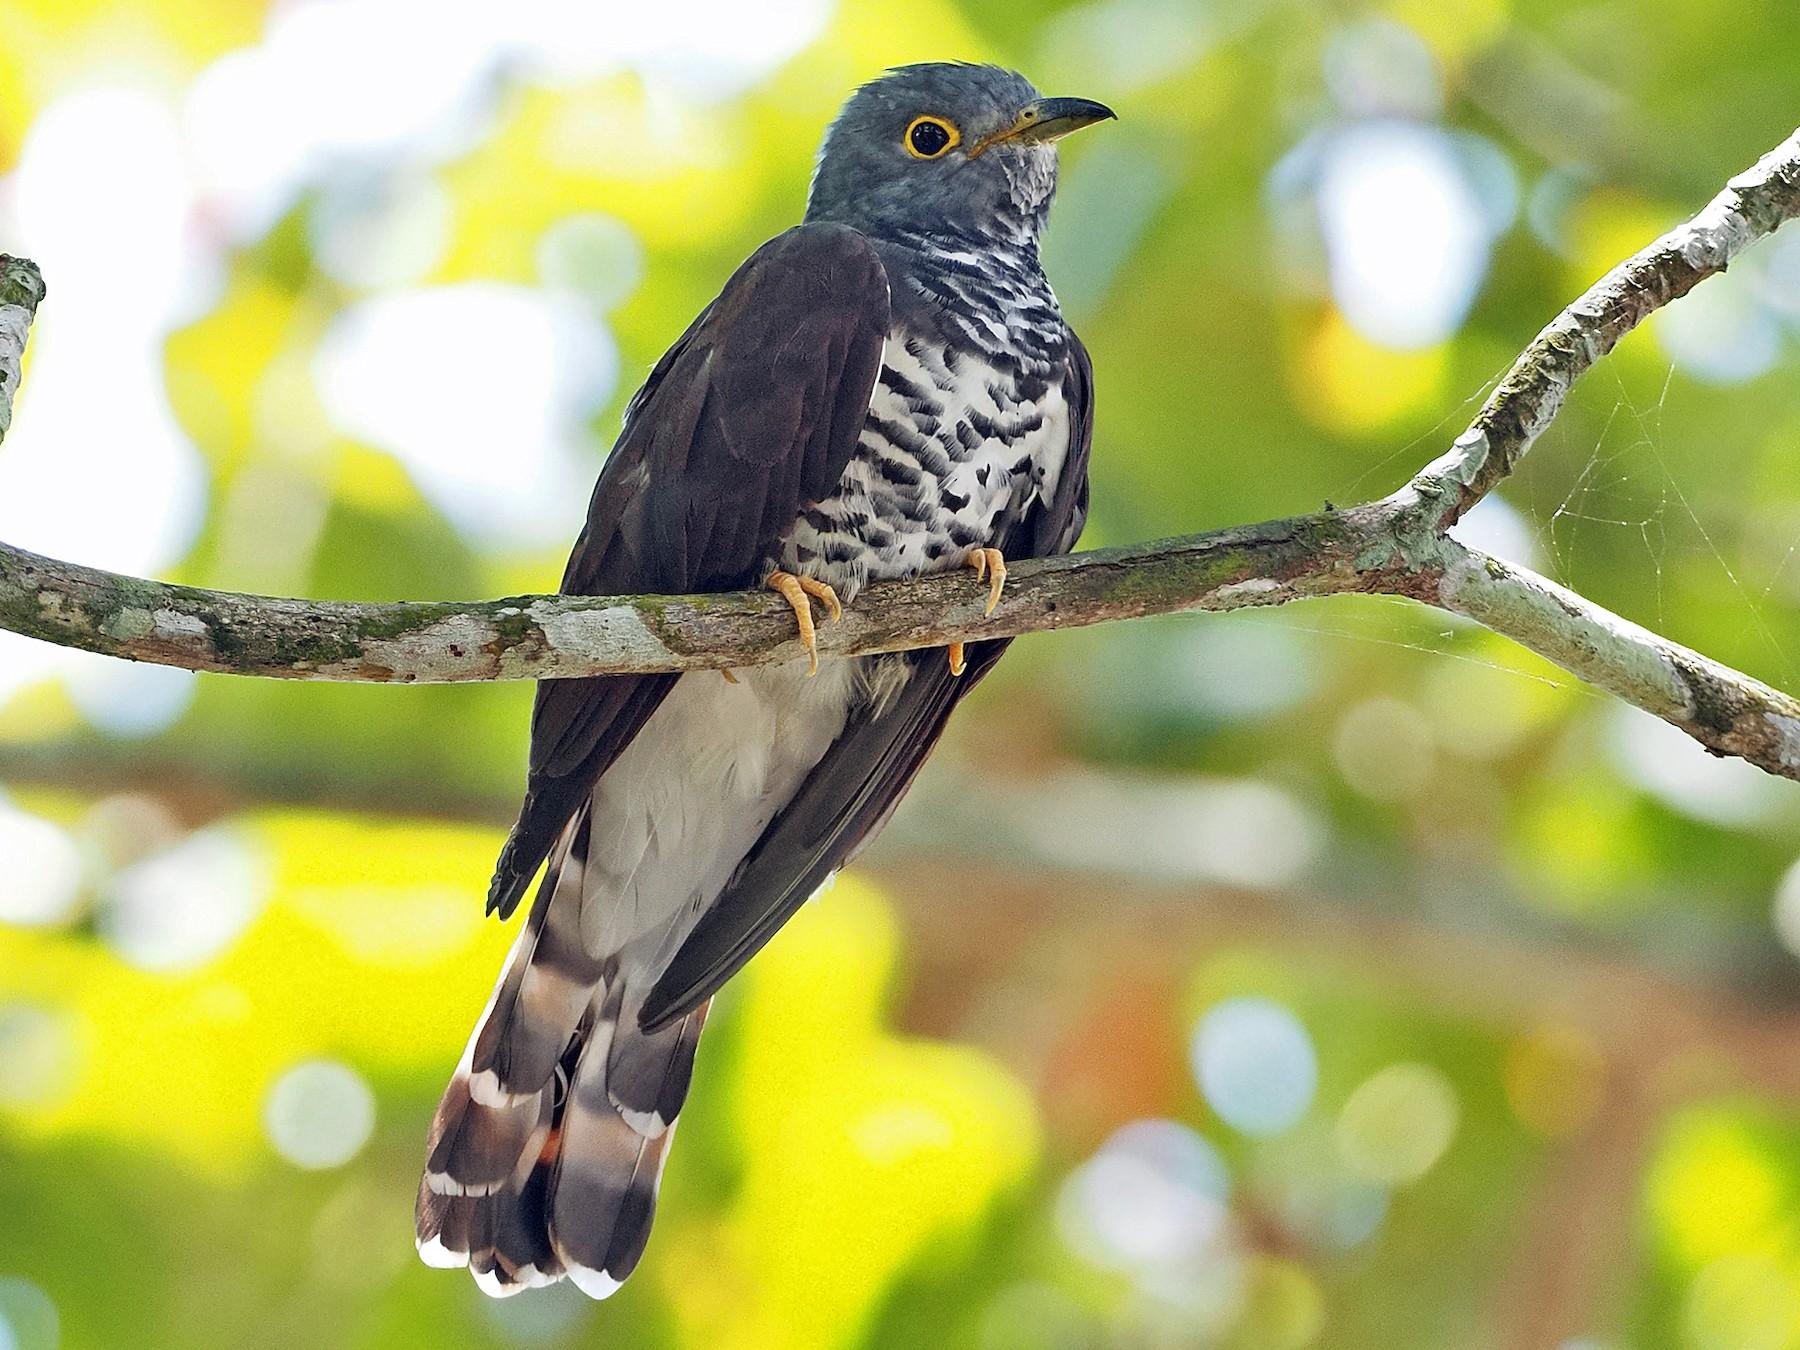 Sulawesi Cuckoo - Sam Woods